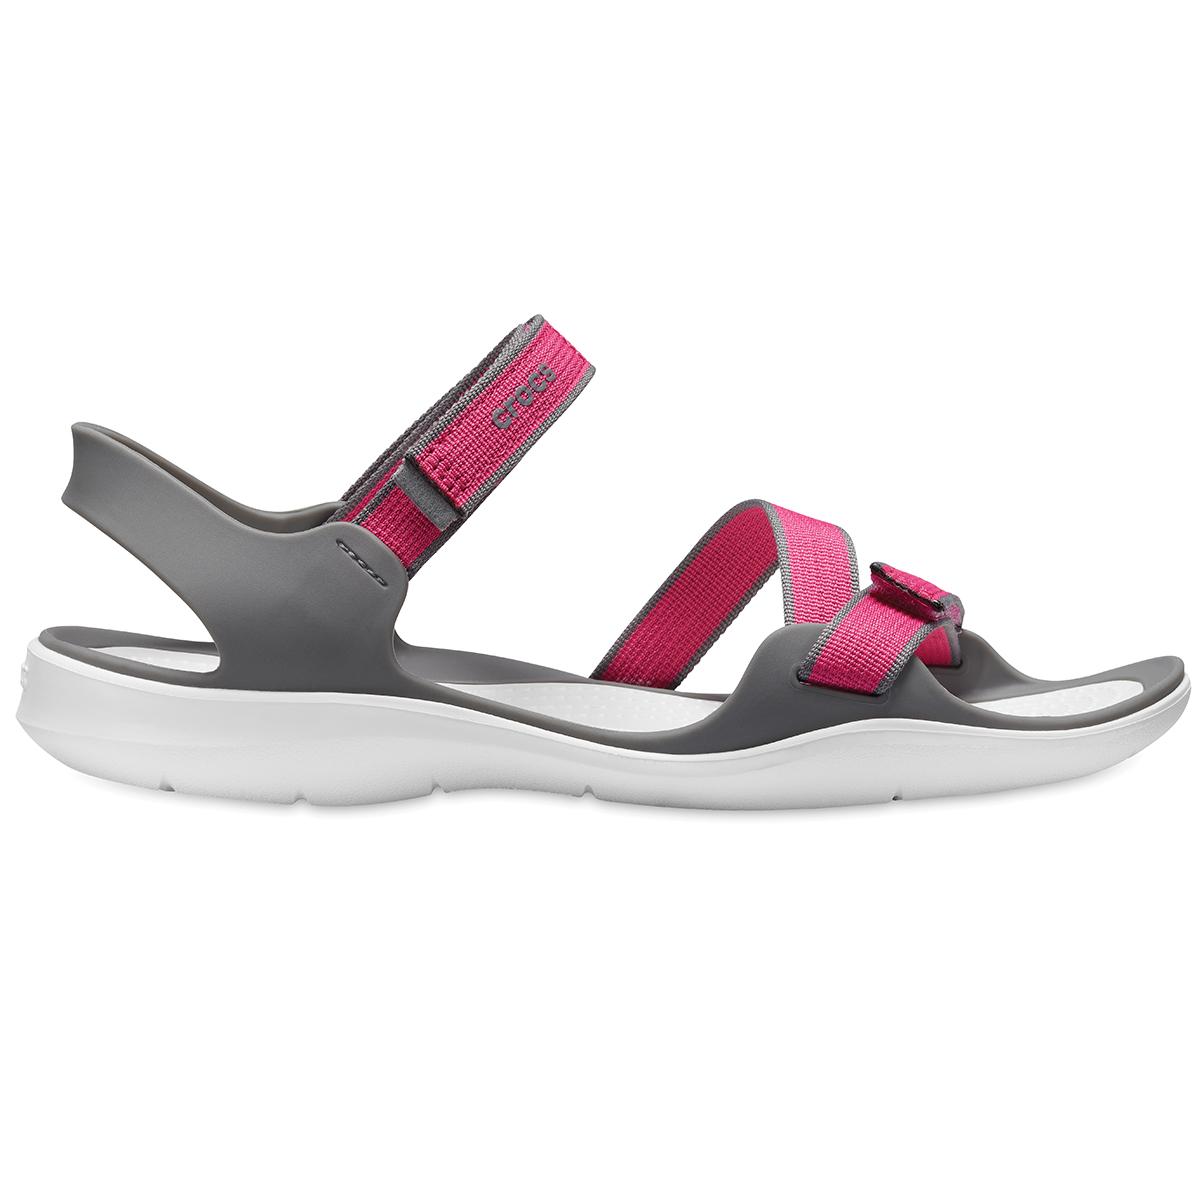 Crocs Swiftwater Webbing Sandal W - Cennet Pembesi/Duman